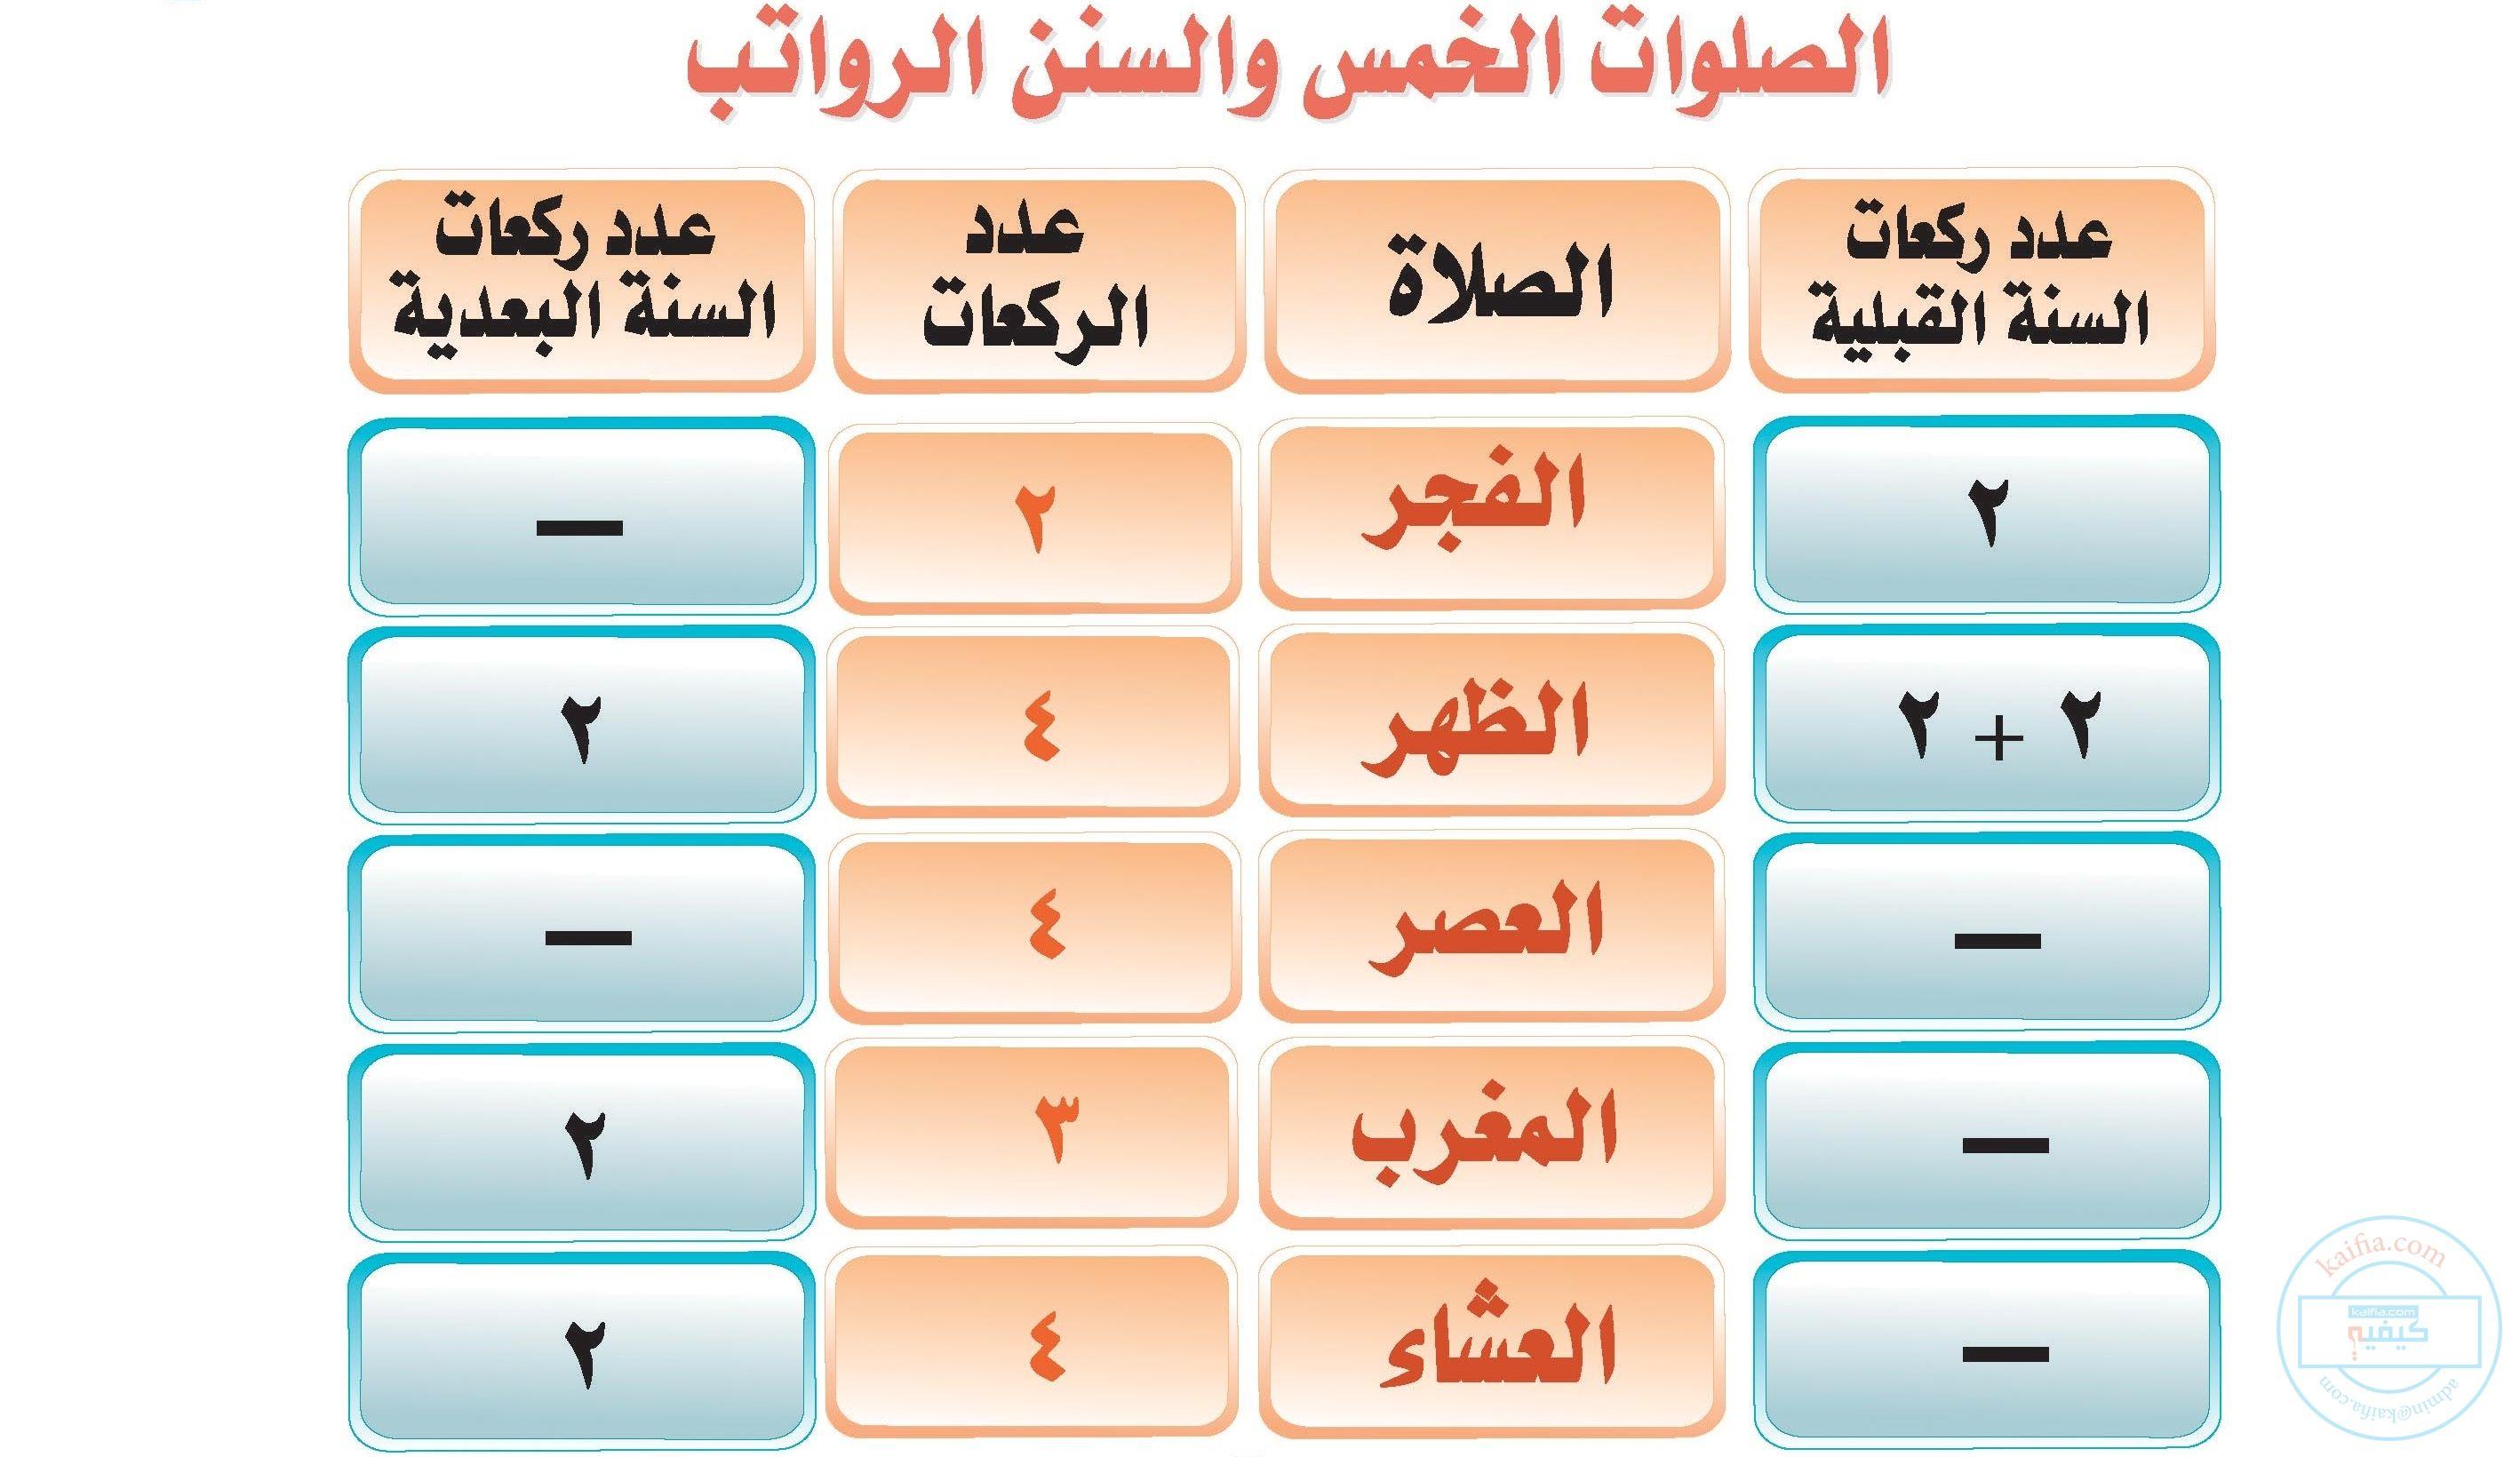 كيفية صلاة النوافل المرافقة للصلوات المفروضة Islam Facts Beautiful Quran Quotes Daily Prayer